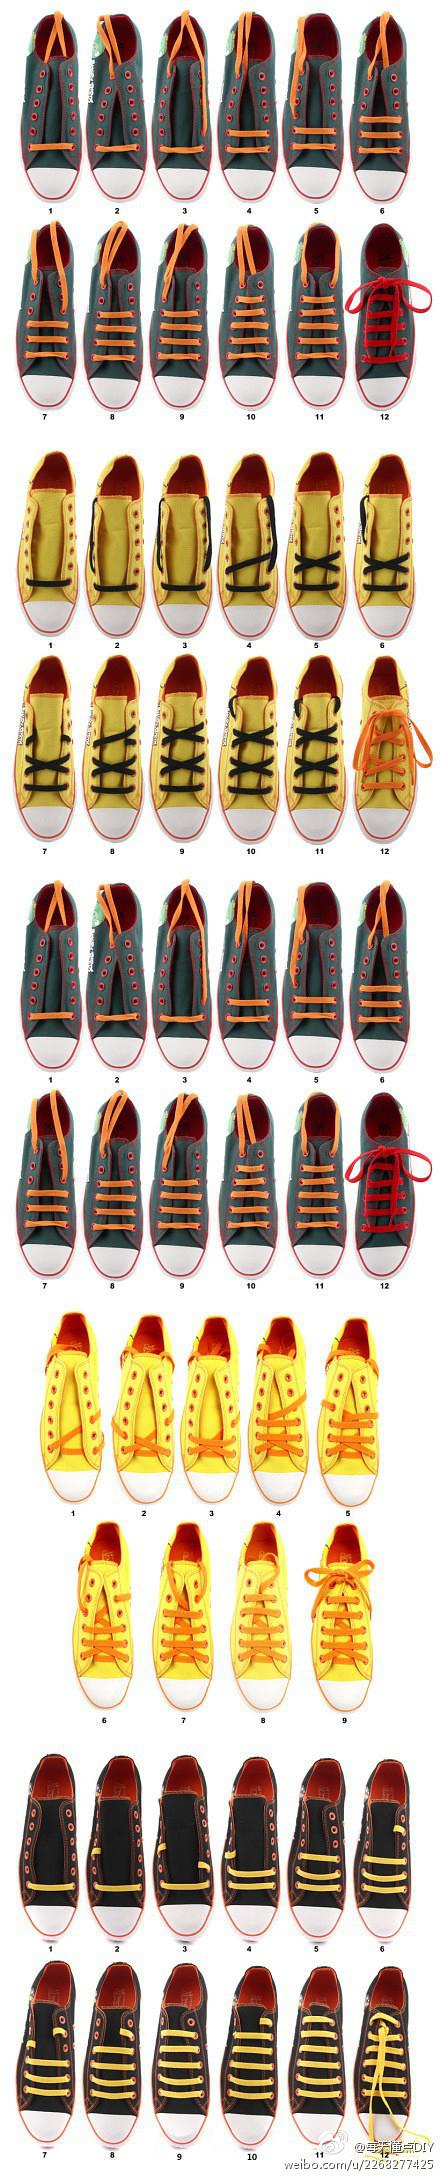 Diff rence entre lacets pratique et esth tique - Difference entre pin et sapin ...